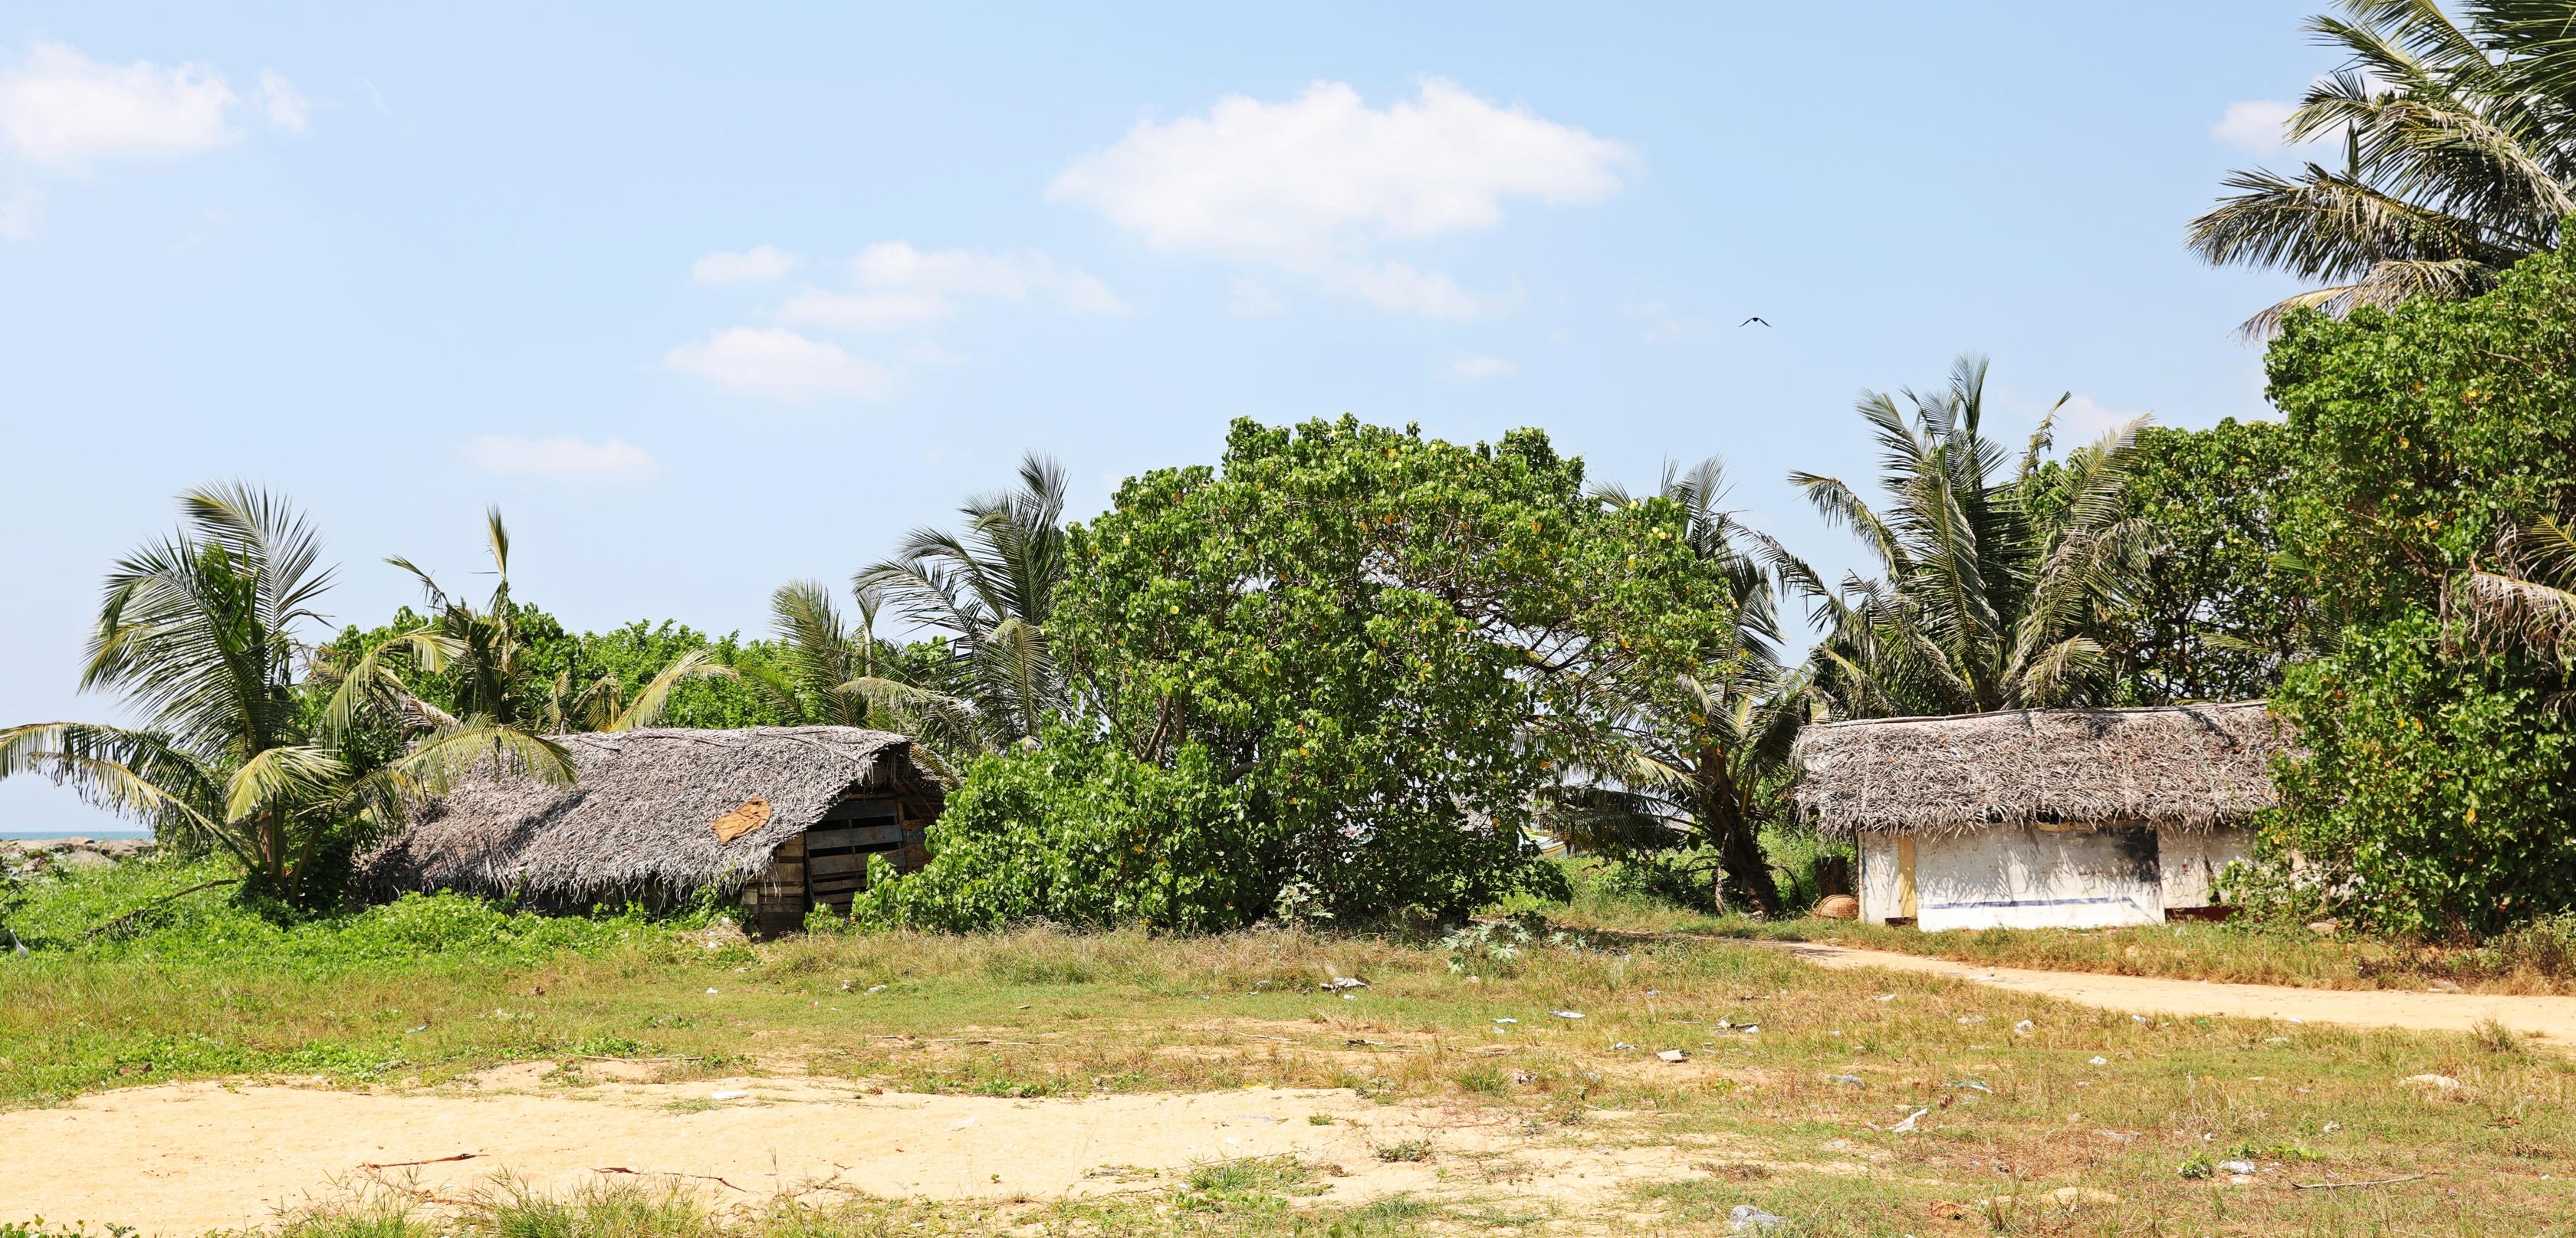 Fishing shacks, Negombo Beach